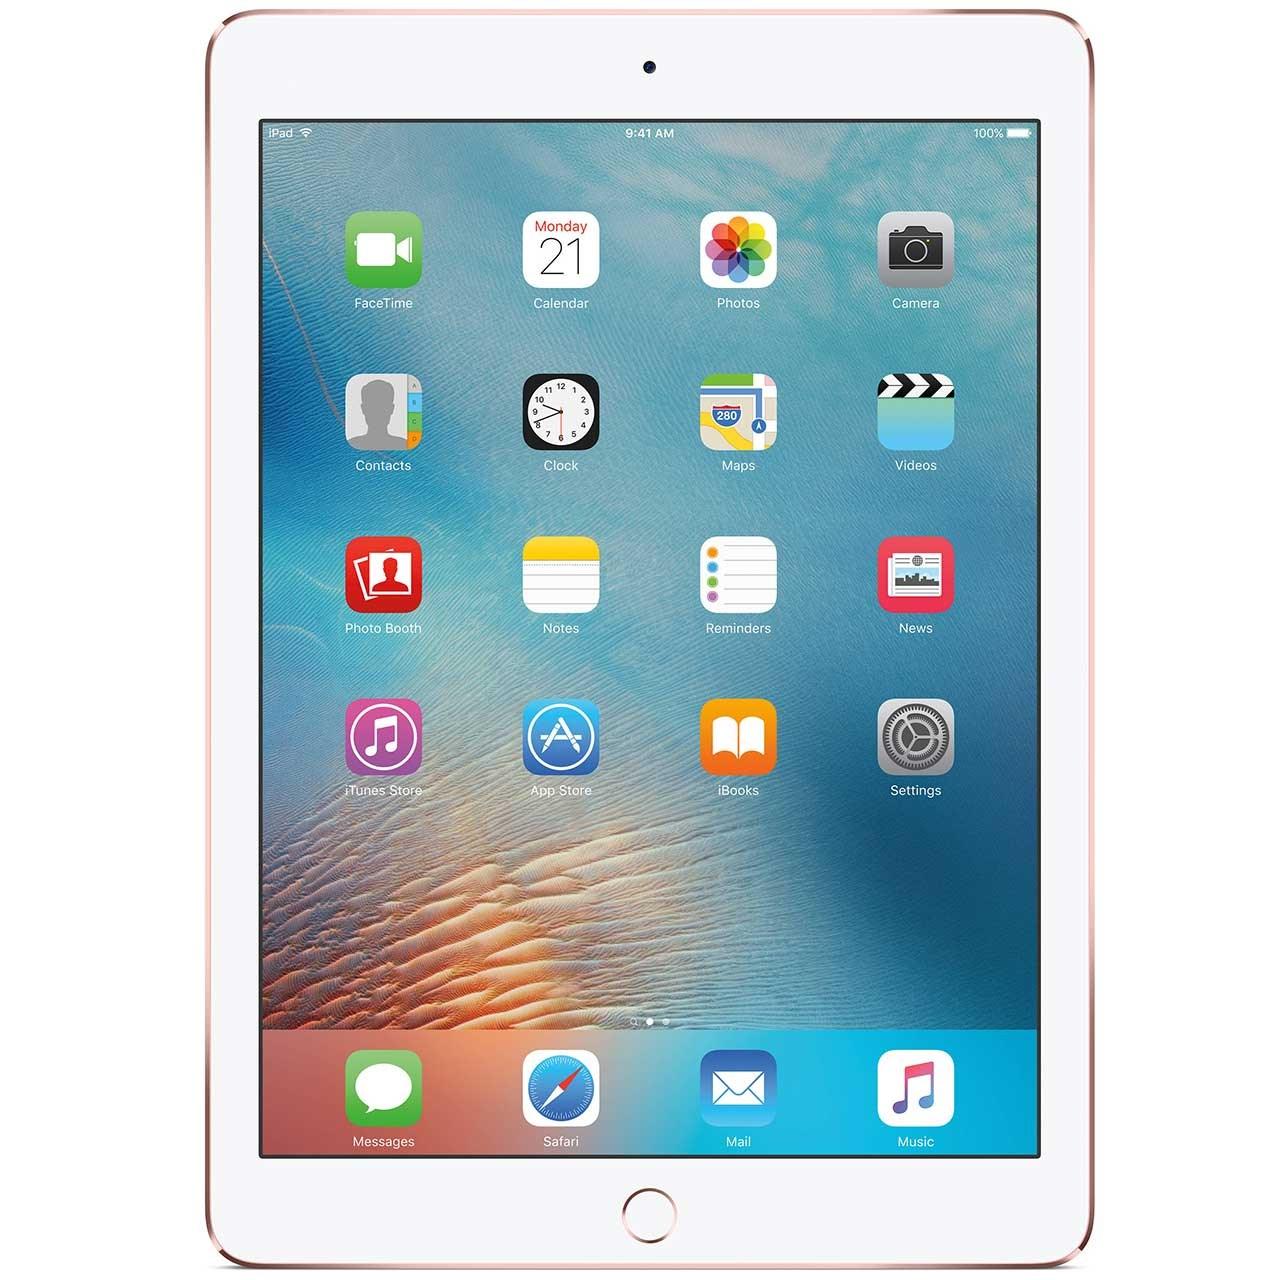 تبلت اپل مدل iPad Pro 9.7 inch WiFi ظرفیت 32 گیگابایت